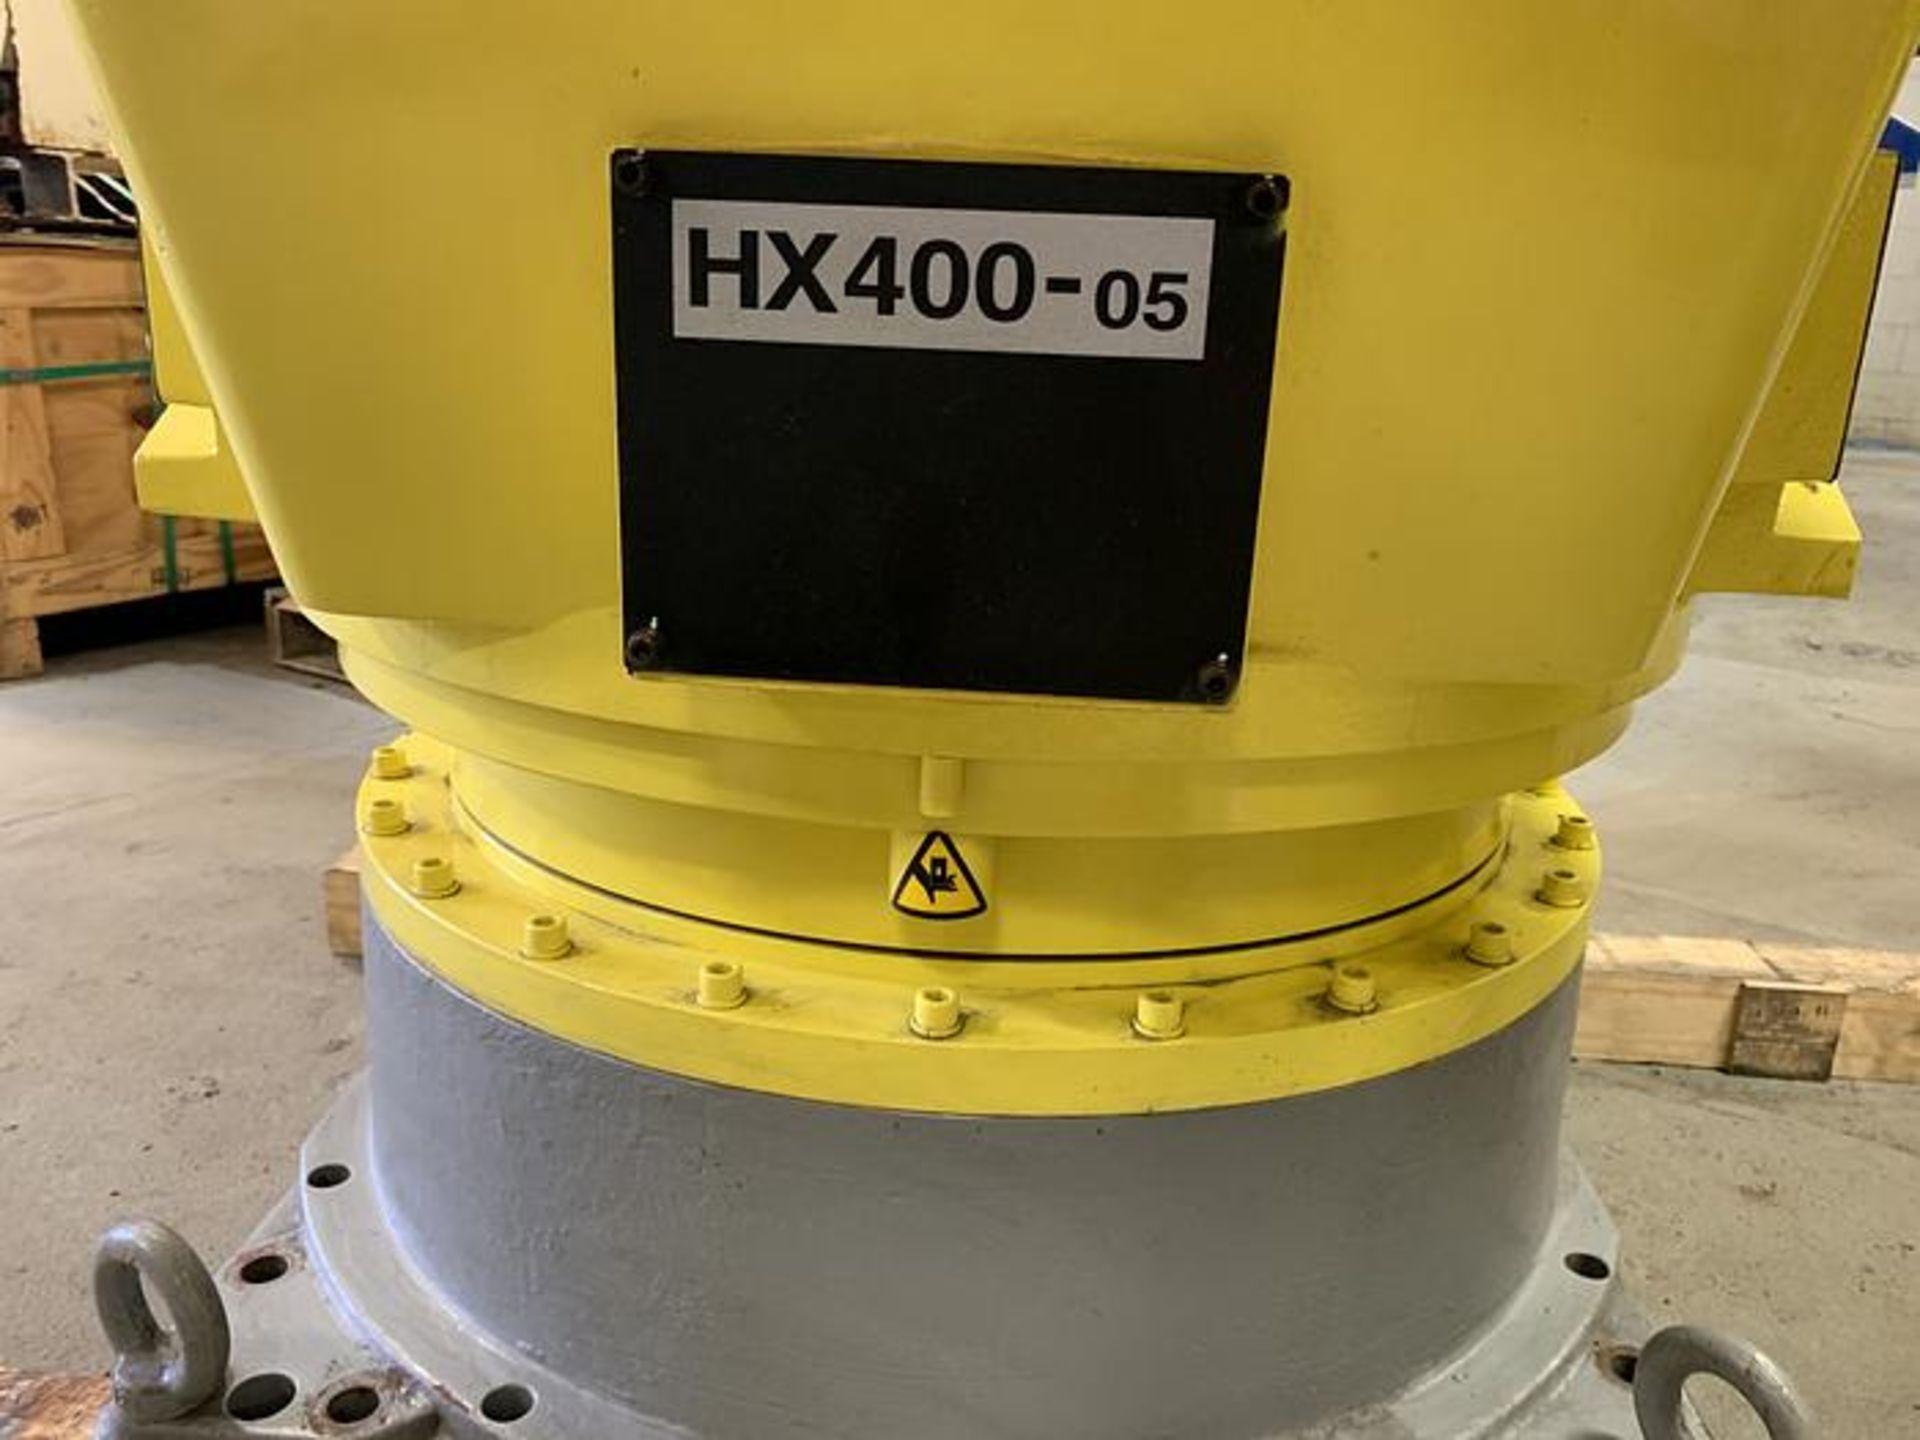 Lot 9 - HYUNDIA ROBOT MODEL HX400 400KG X 2573MM H REACH WITH Hi5-N80U CONTR, YEAR 2012, SN HB35-054-572